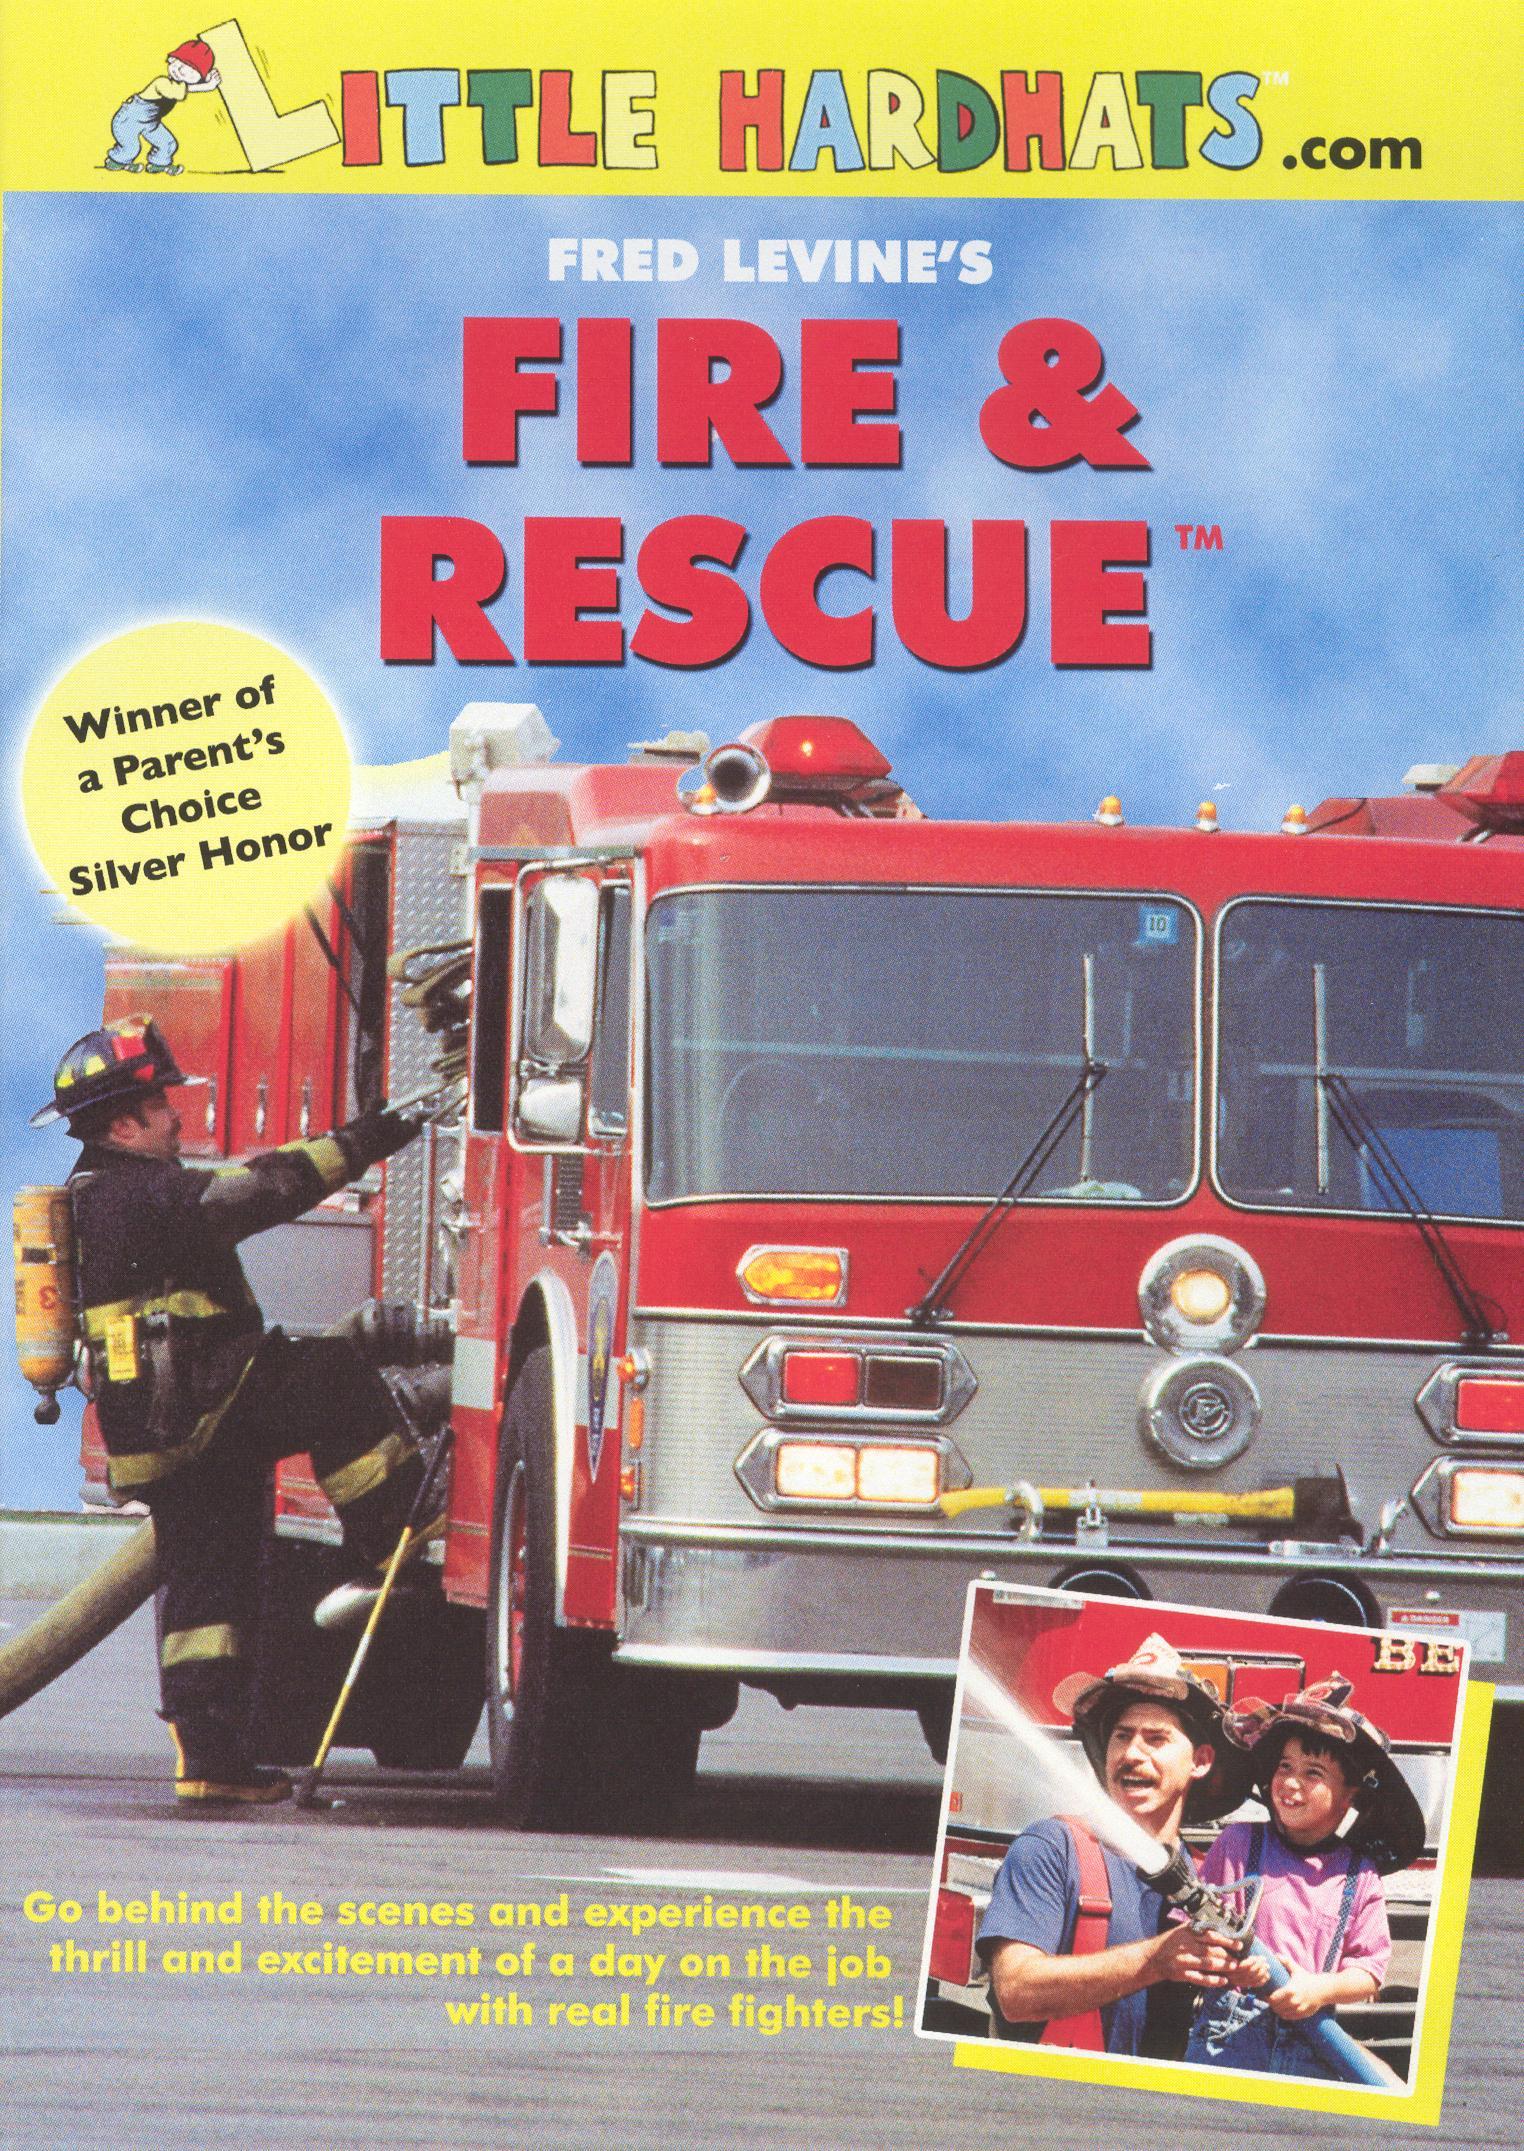 Fire & Rescue